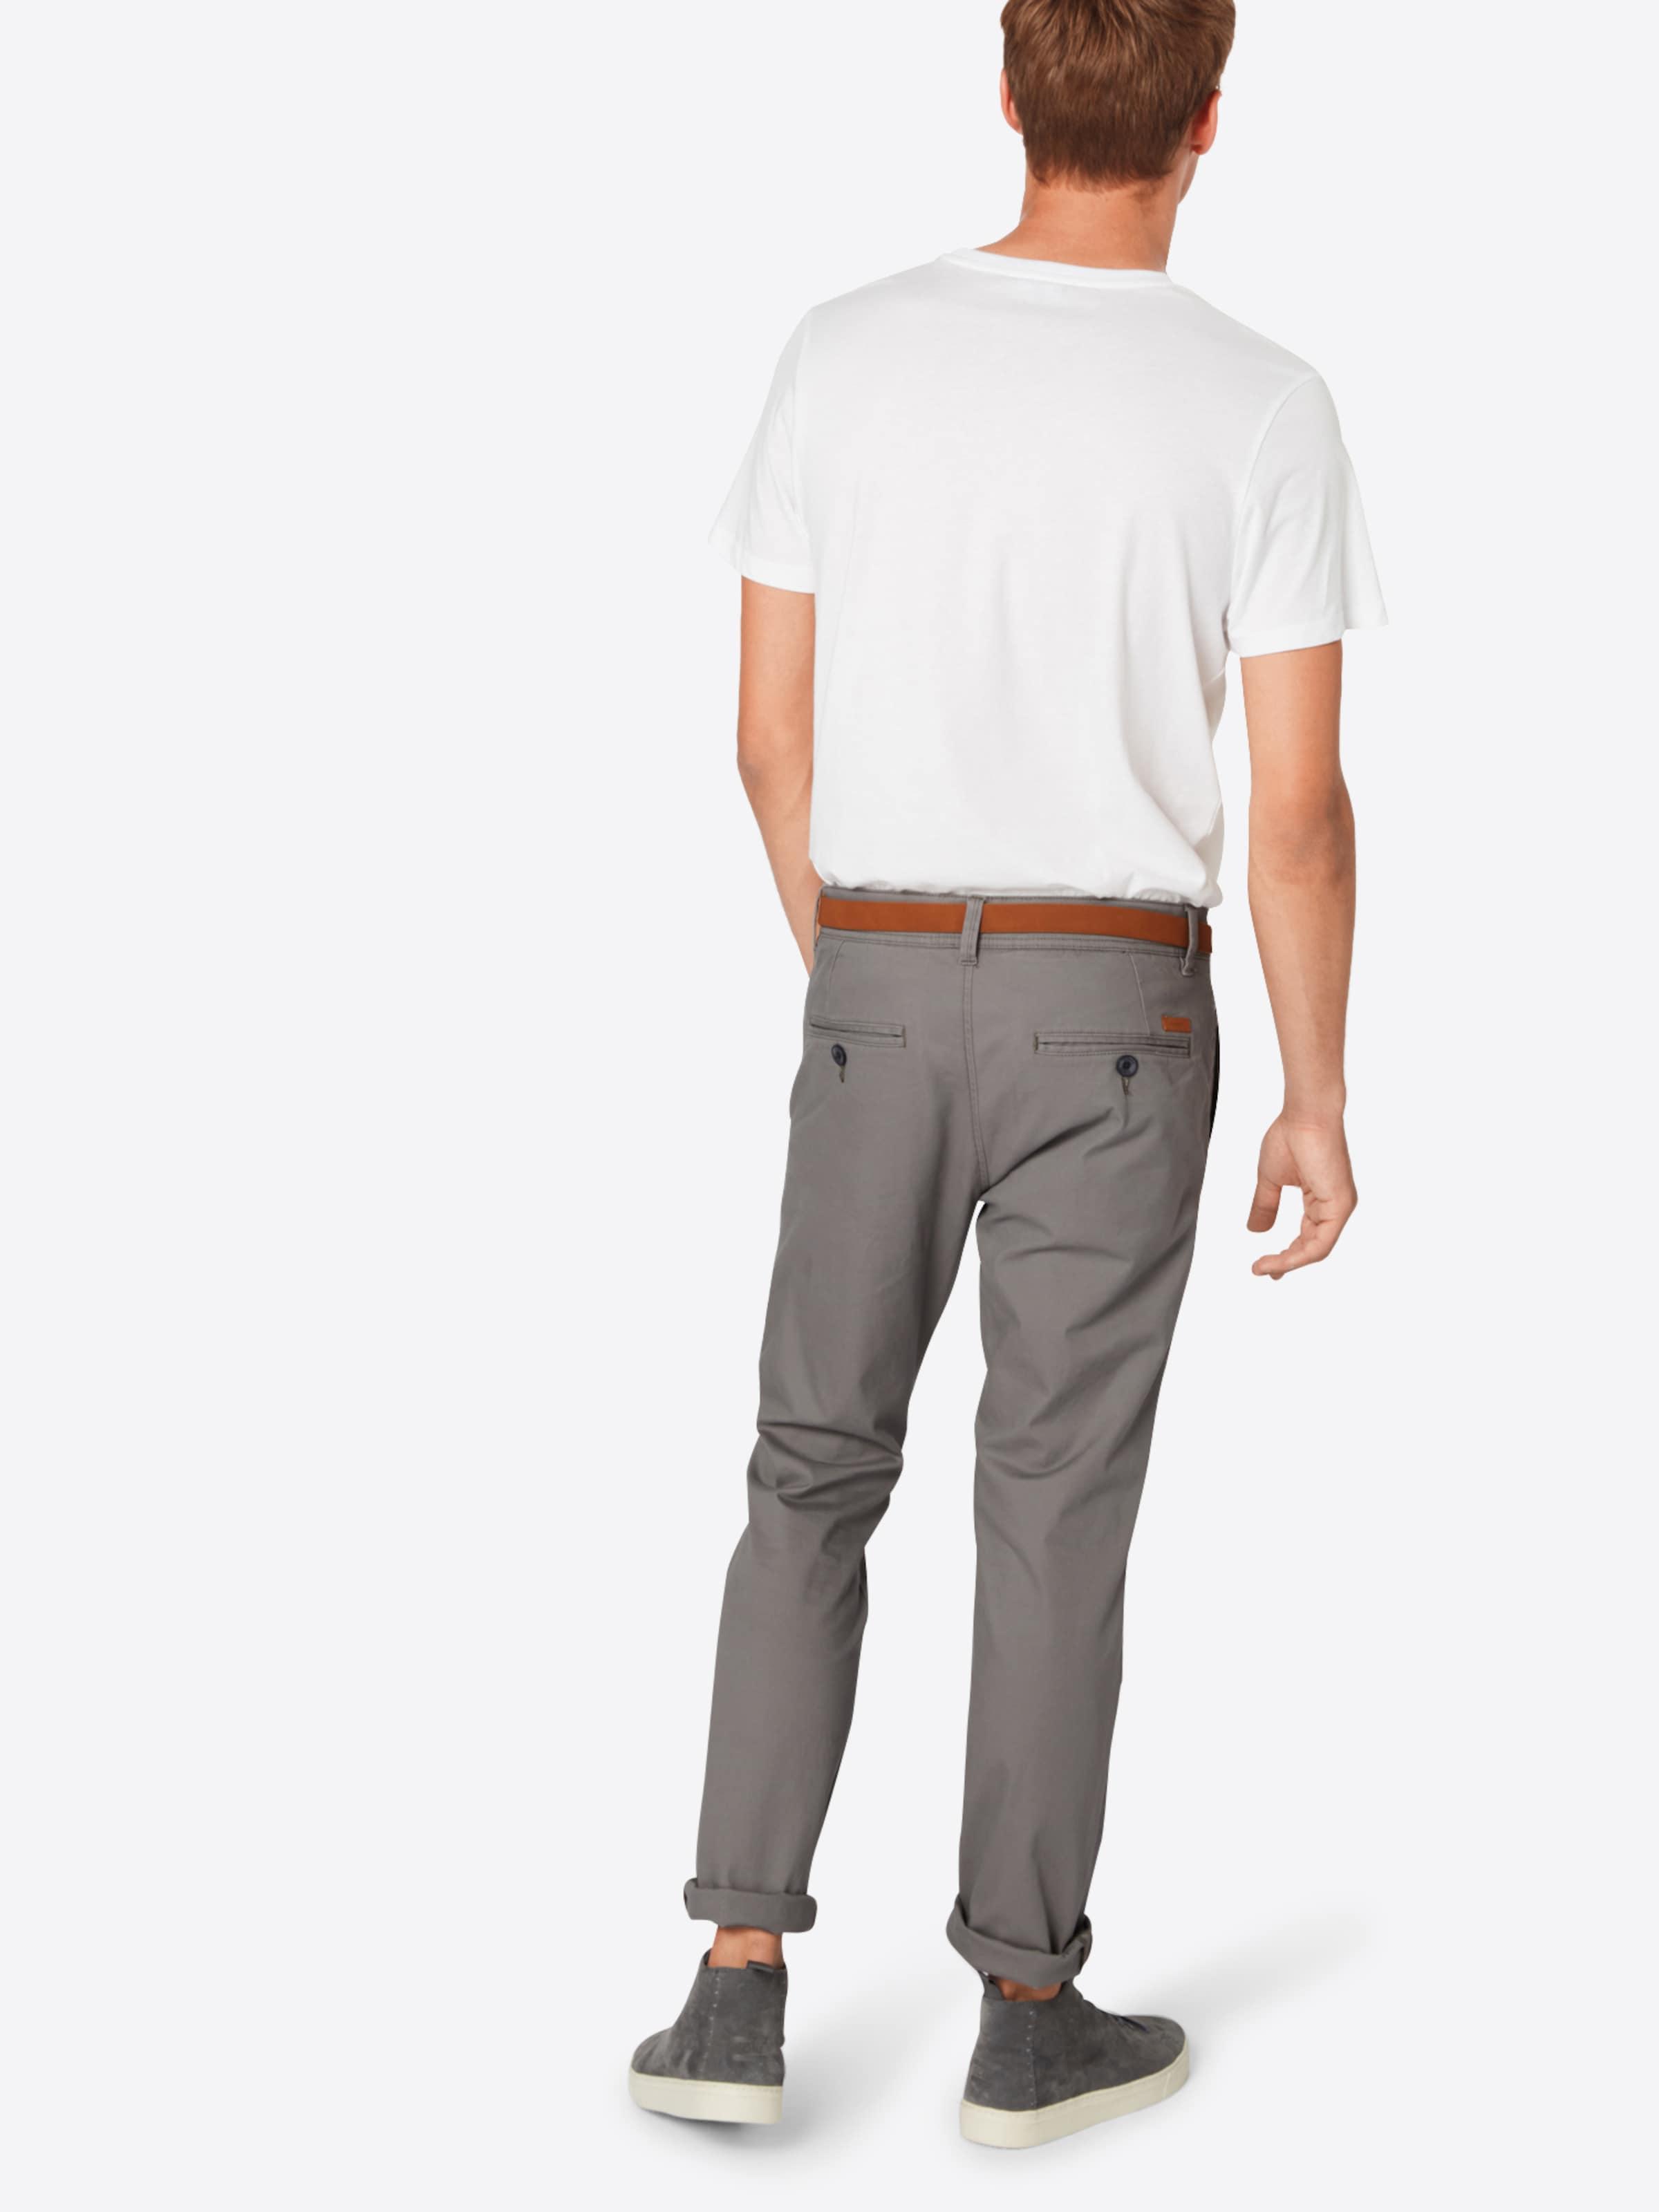 Pantalon Esprit Chino En Chino En Olive Esprit Olive Pantalon D2IE9WH